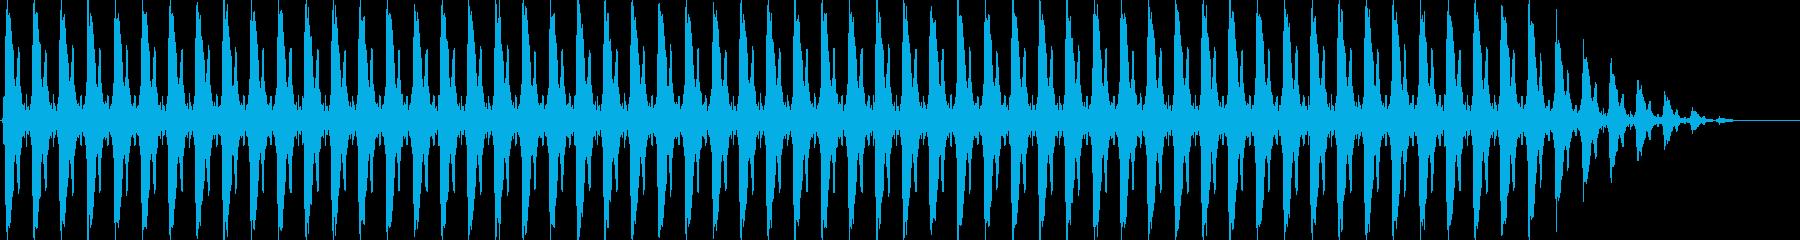 クリスマスの鈴(テンポ速い)の再生済みの波形